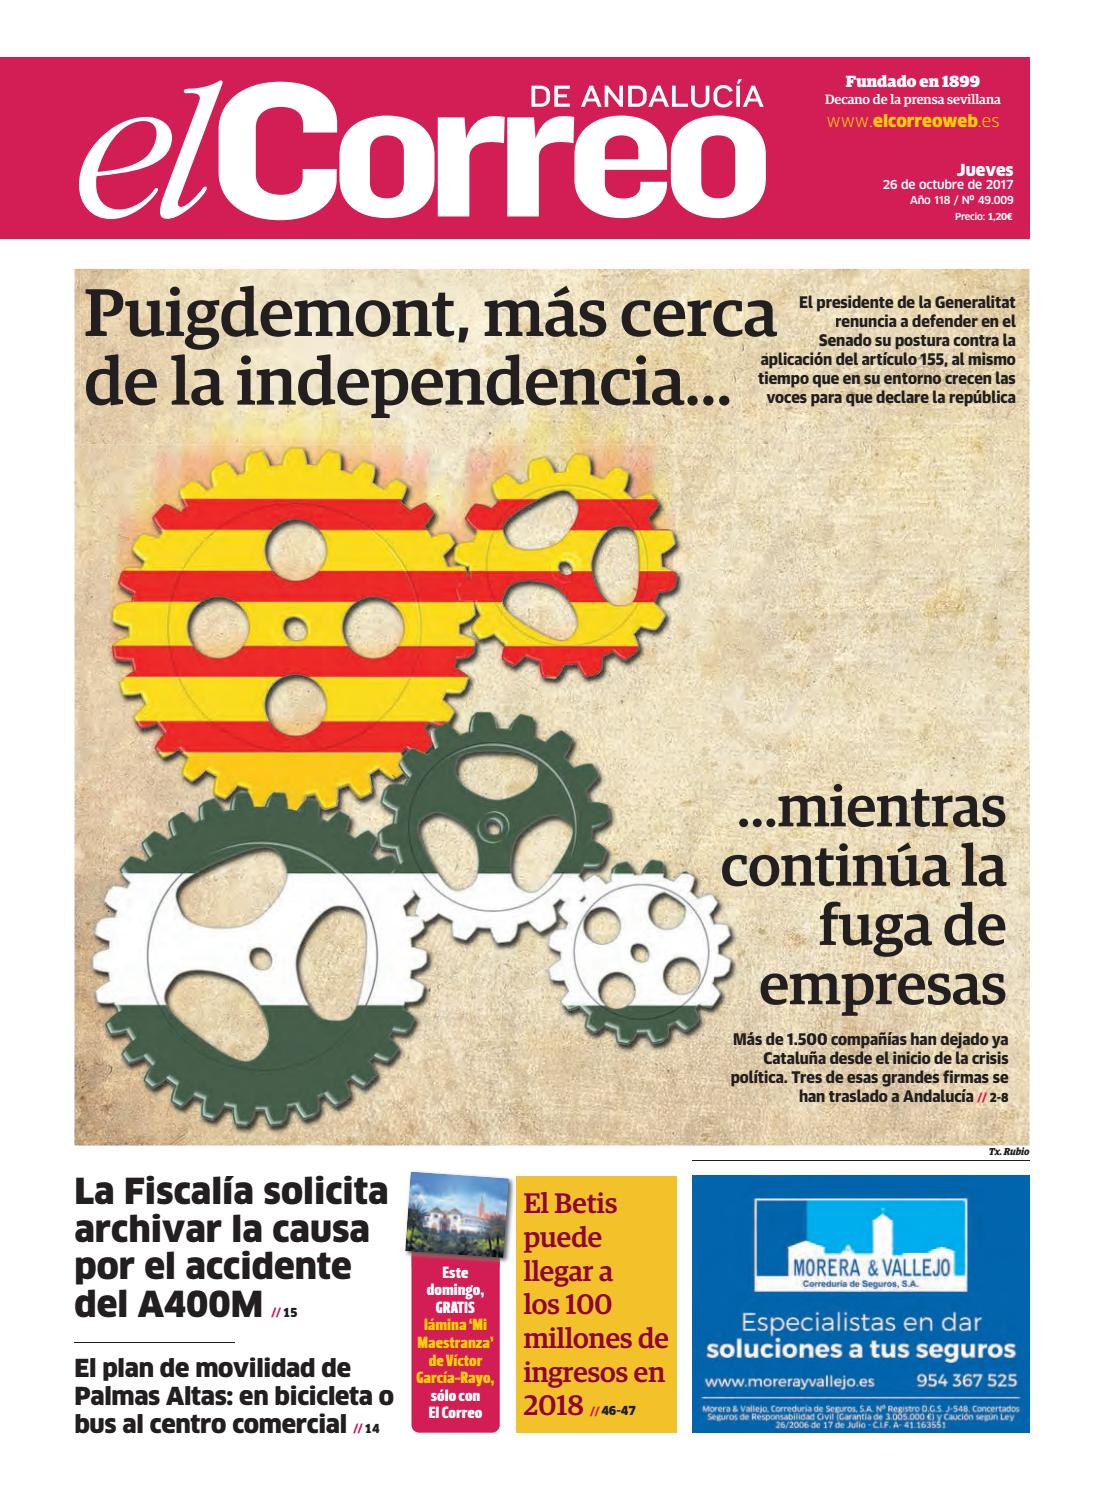 26.10.2017 El Correo de Andalucía by EL CORREO DE ANDALUCÍA S.L. - issuu